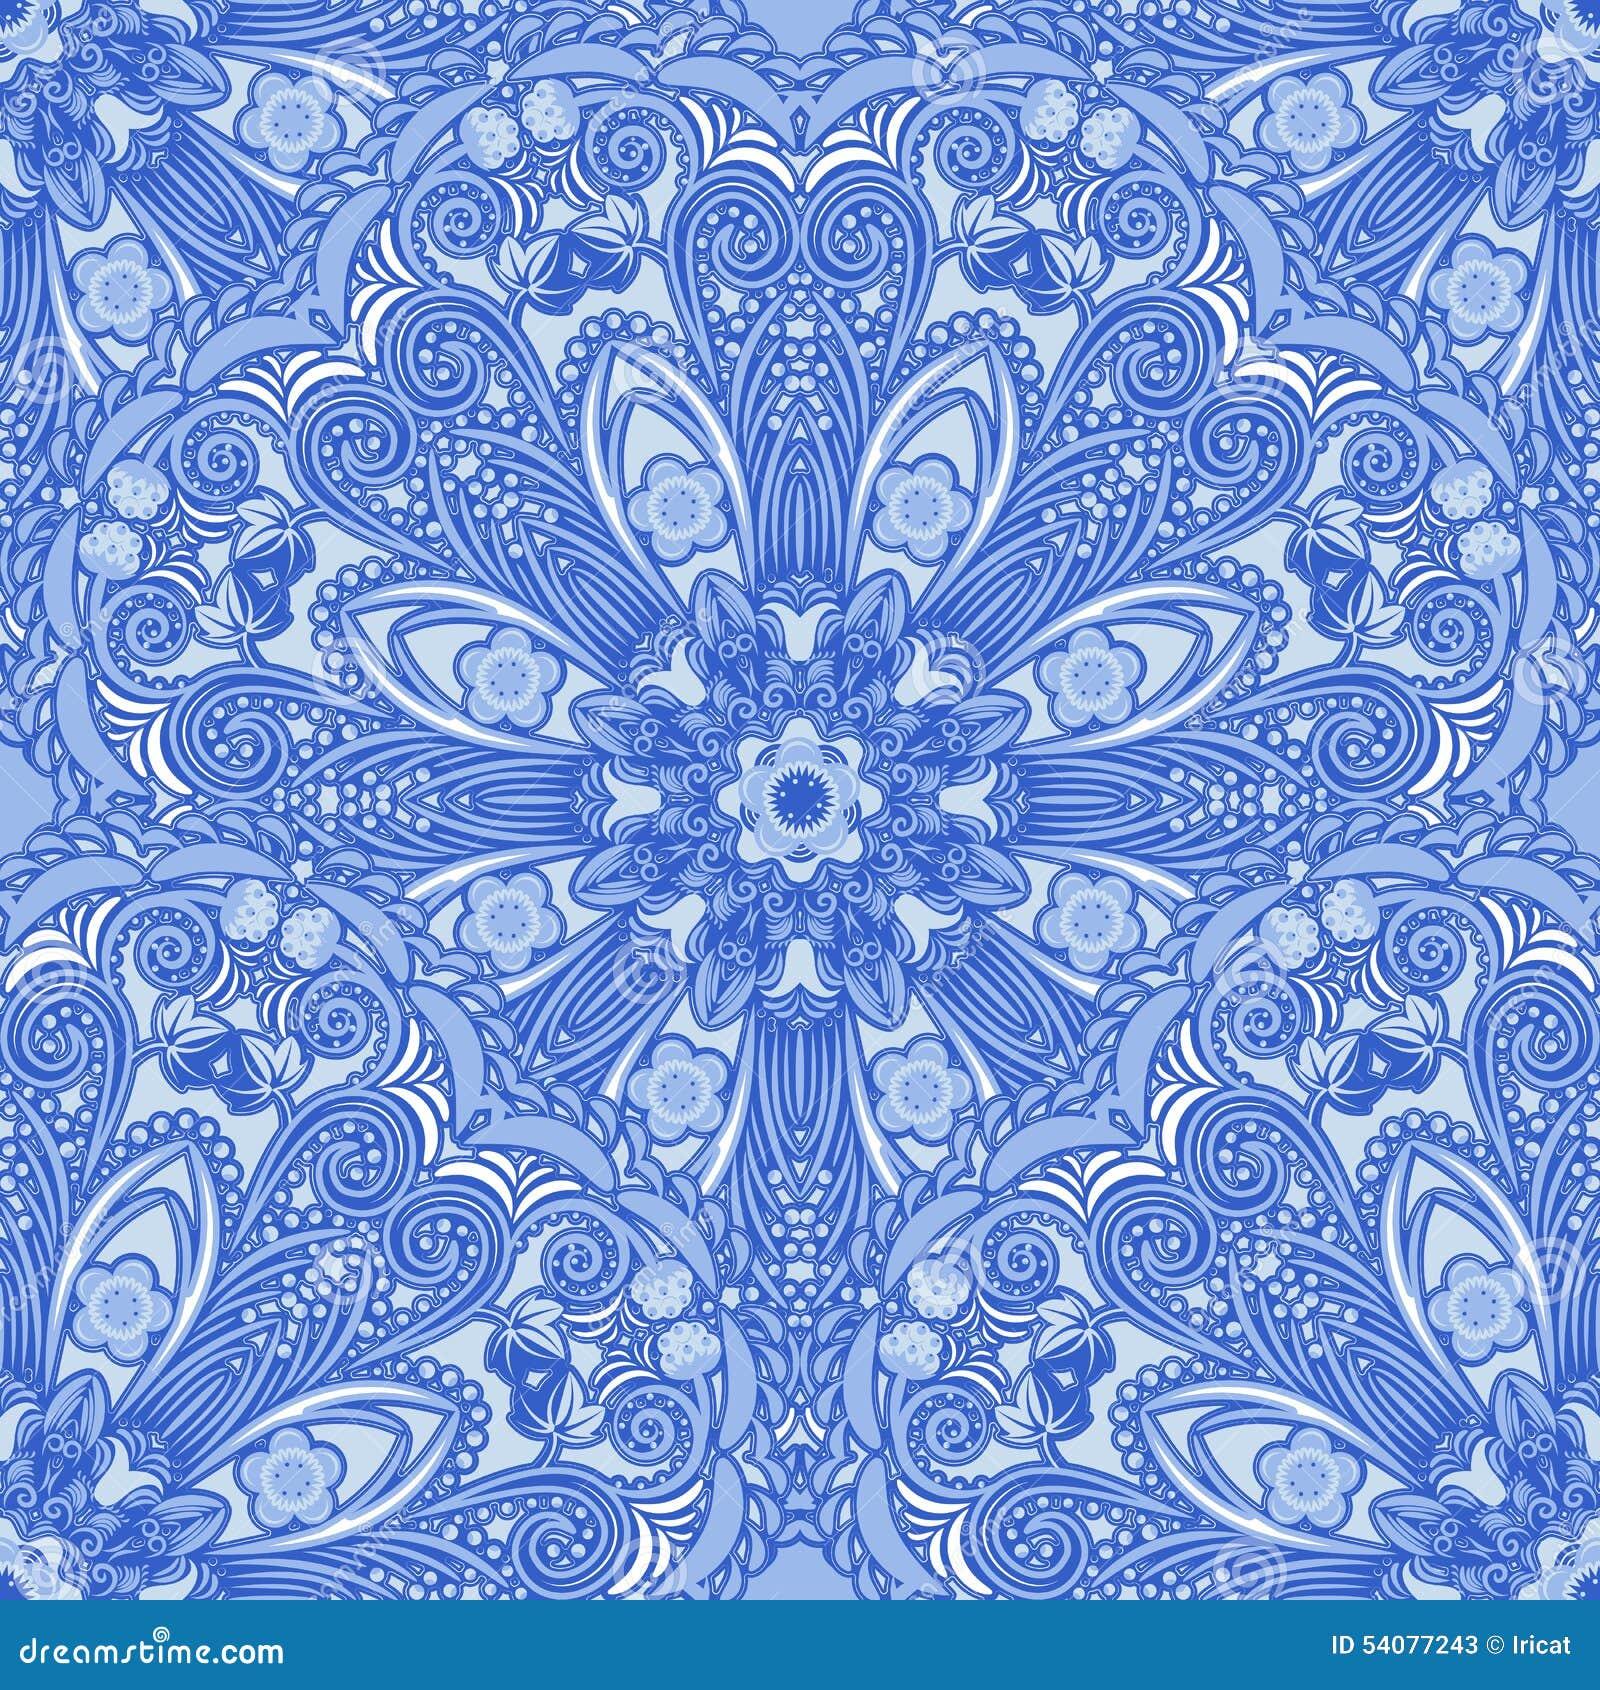 Blauw naadloos patroon van cirkelornamenten Bloemen en bessenachtergrond in de stijl van het Chinese schilderen op porselein